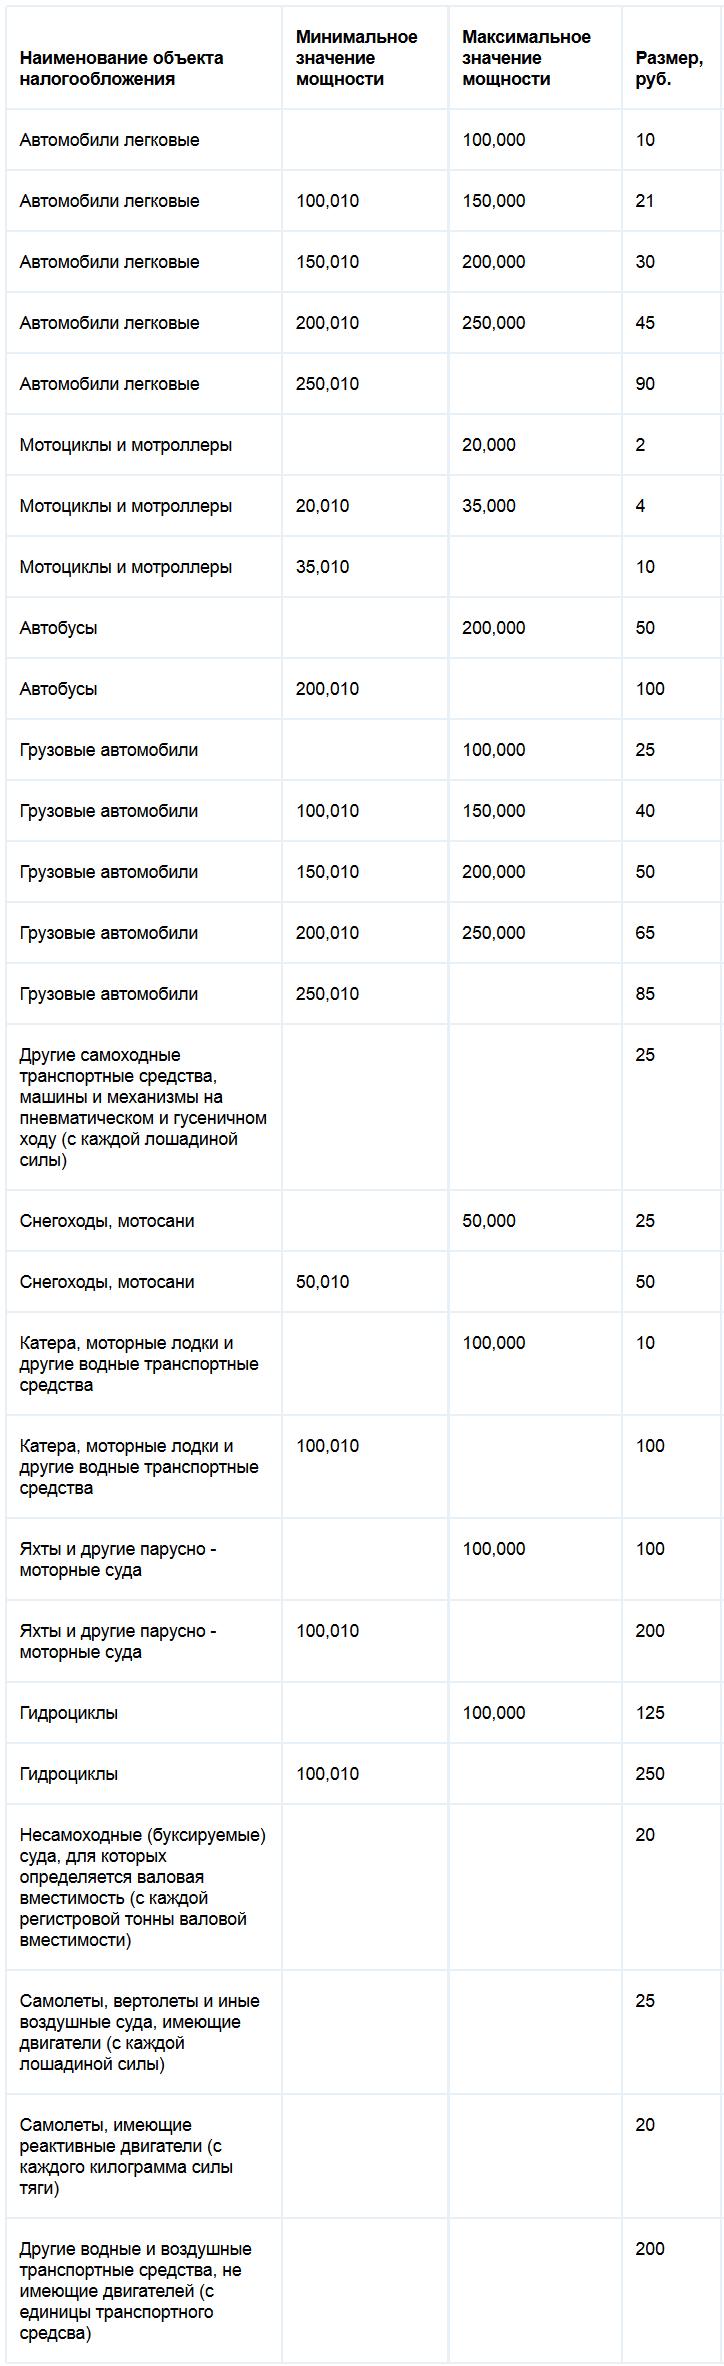 Ставки транспортного налога Тверской области